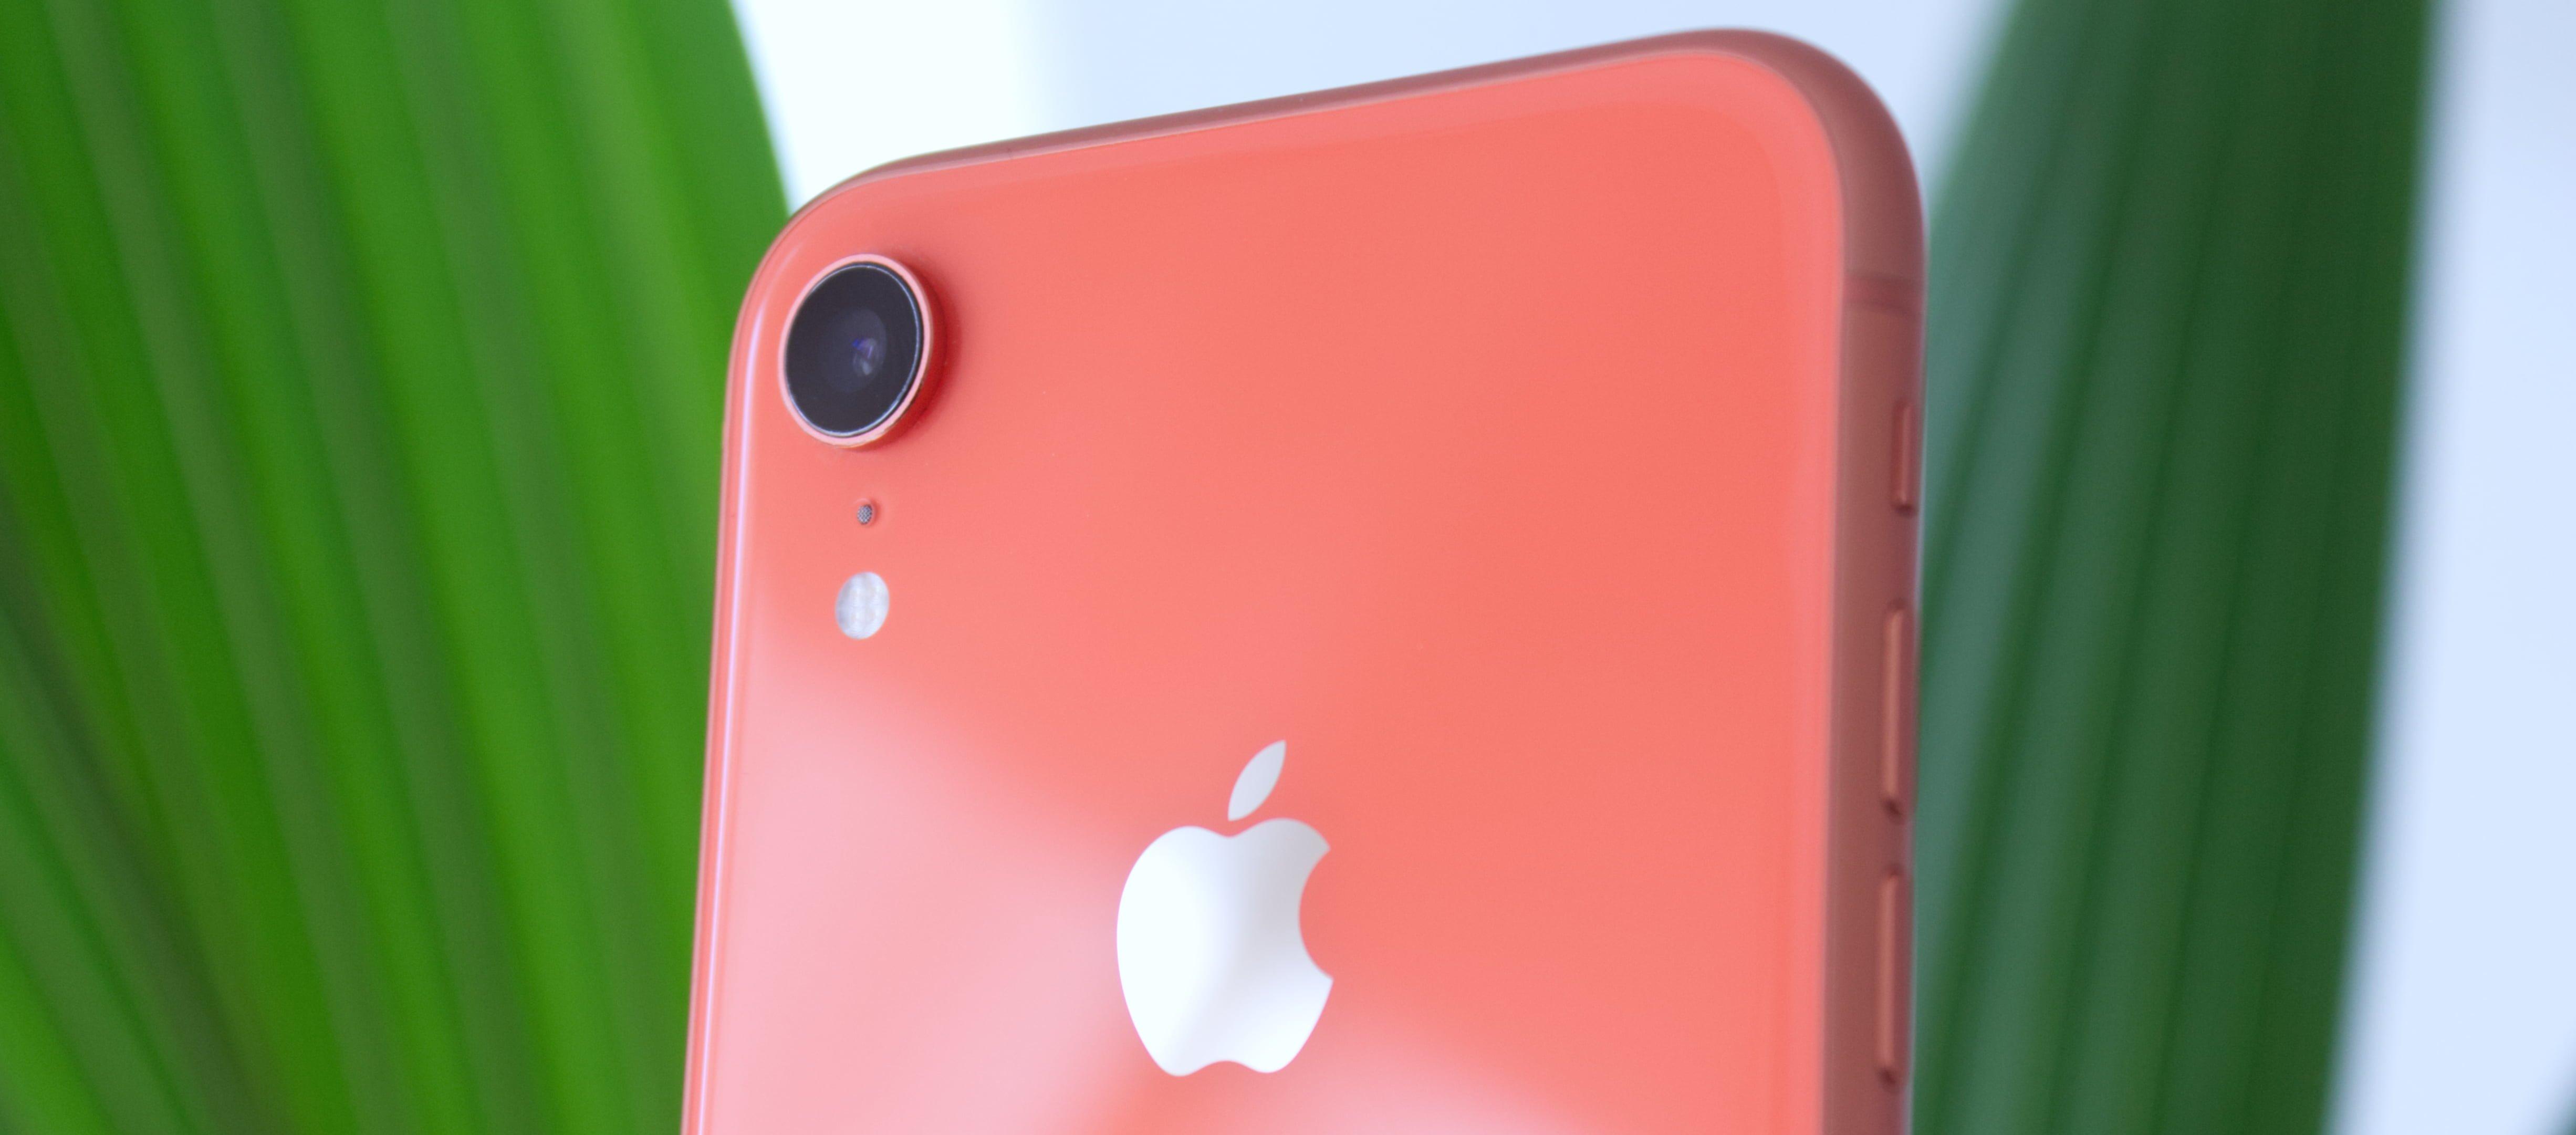 Apple obniżyło ceny iPhone'a XR oraz iPhone'ów 8 i 8 Plus 21